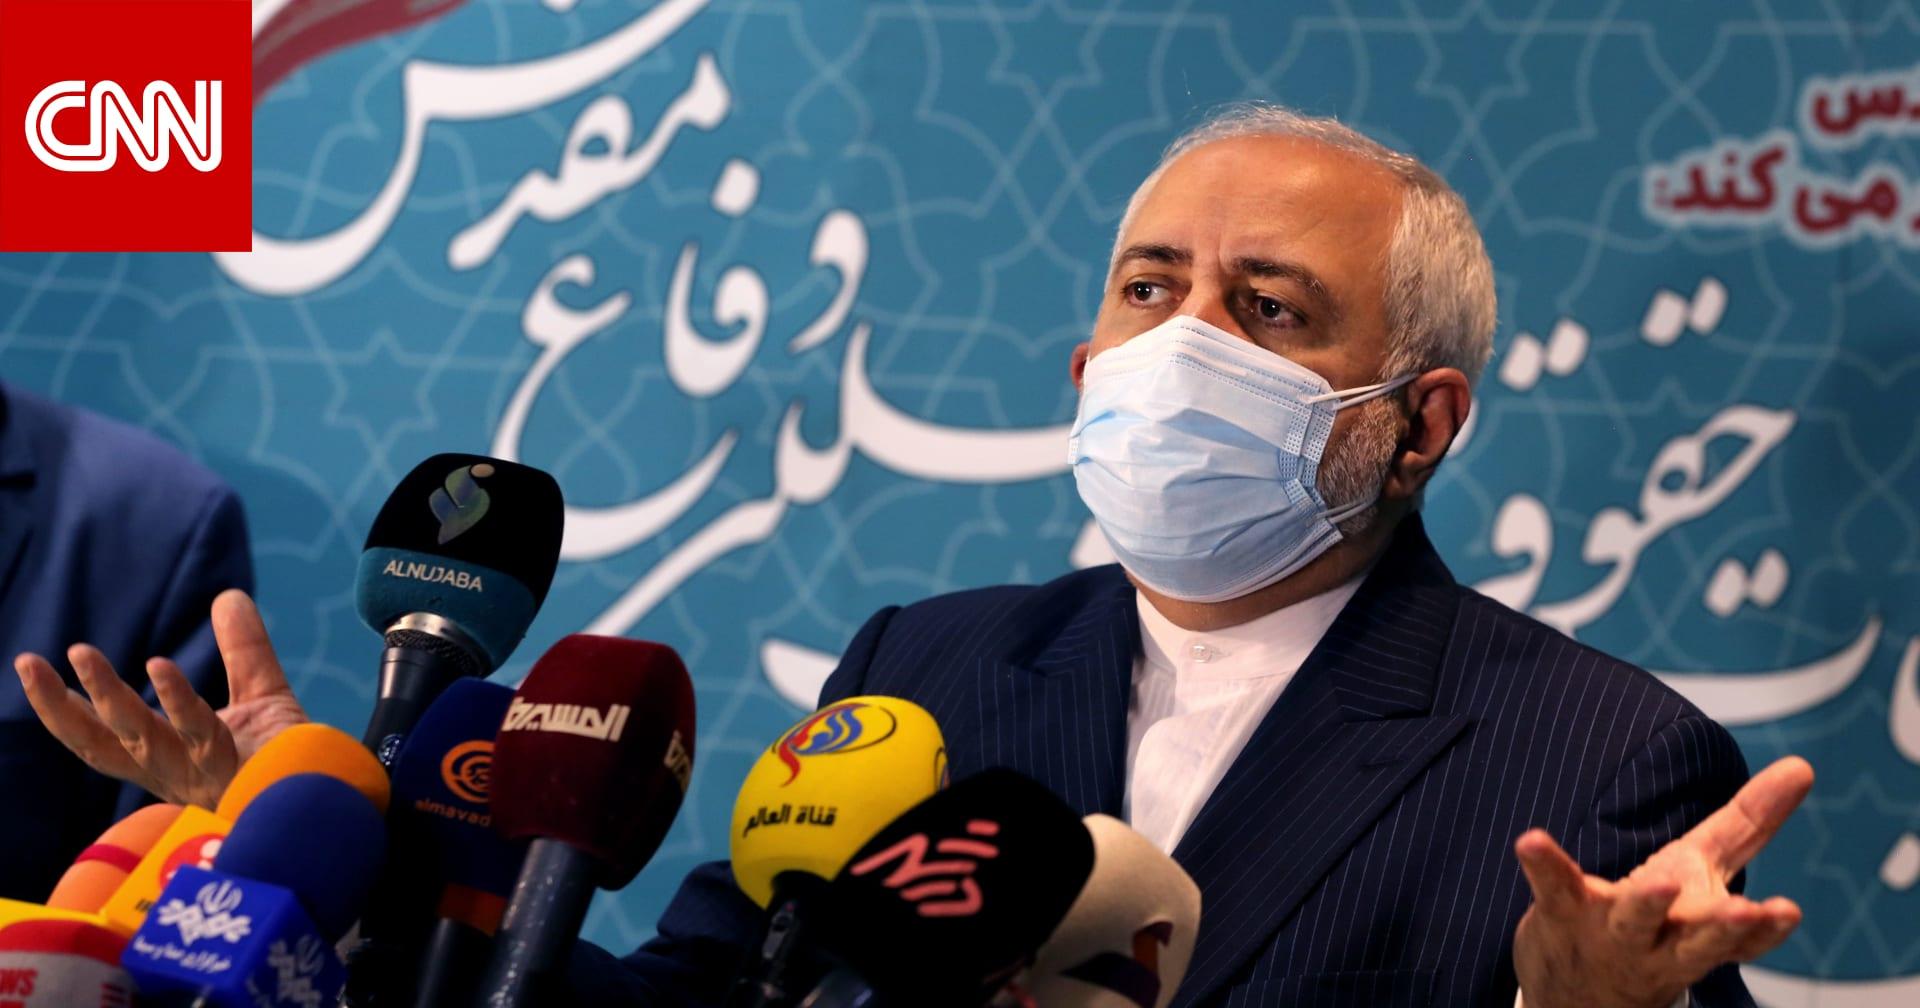 """ظريف: لقاء إيران والولايات المتحدة """"غير ضروري"""".. ويمكن إحياء الاتفاق النووي بدونها"""